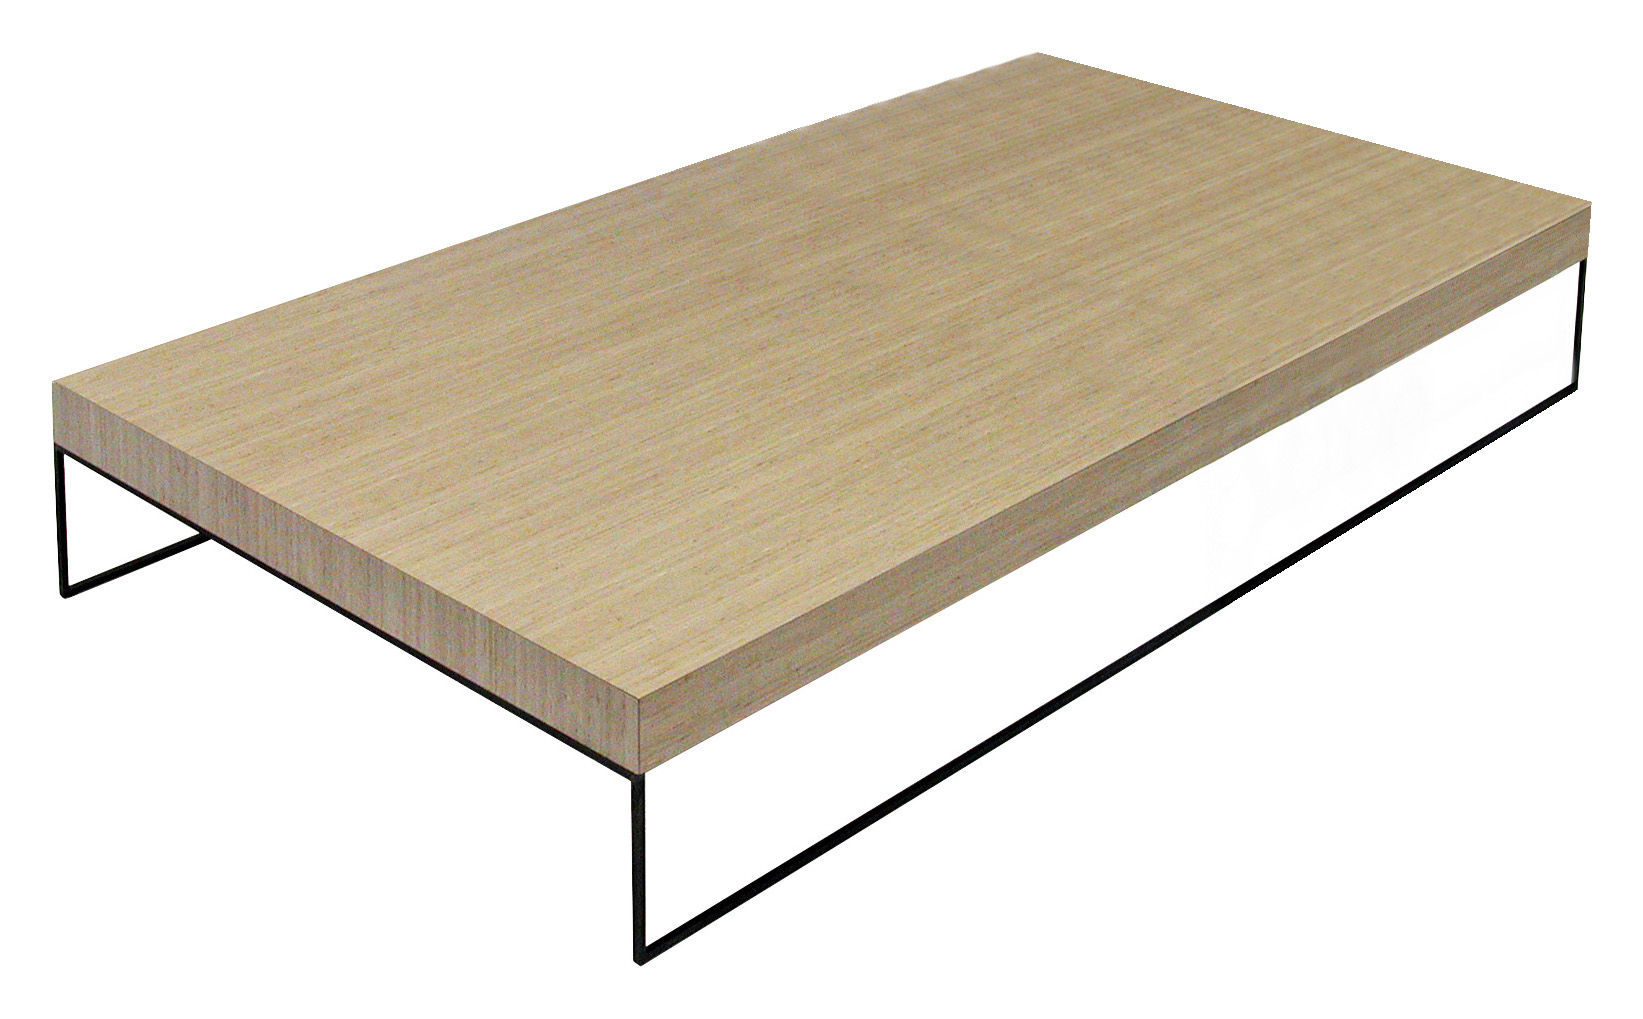 Table Basse Home Bois Clair Et Acier Noir 120 X 80 Cm Zeus